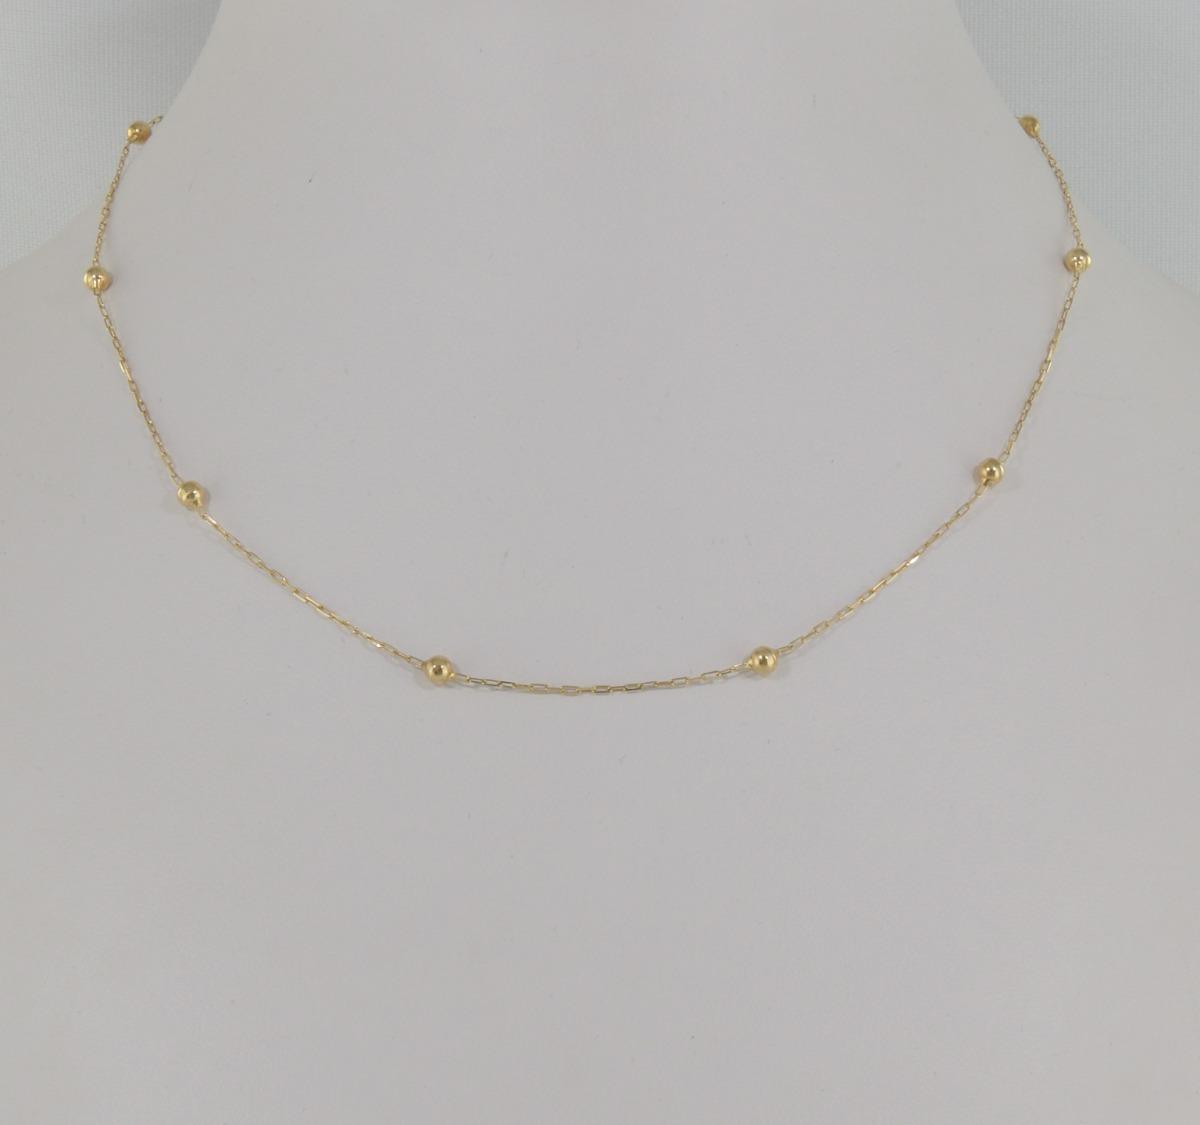 1da28013449 gargantilha cartier bolinhas 40 cm ouro 18k cordão colar. Carregando zoom.